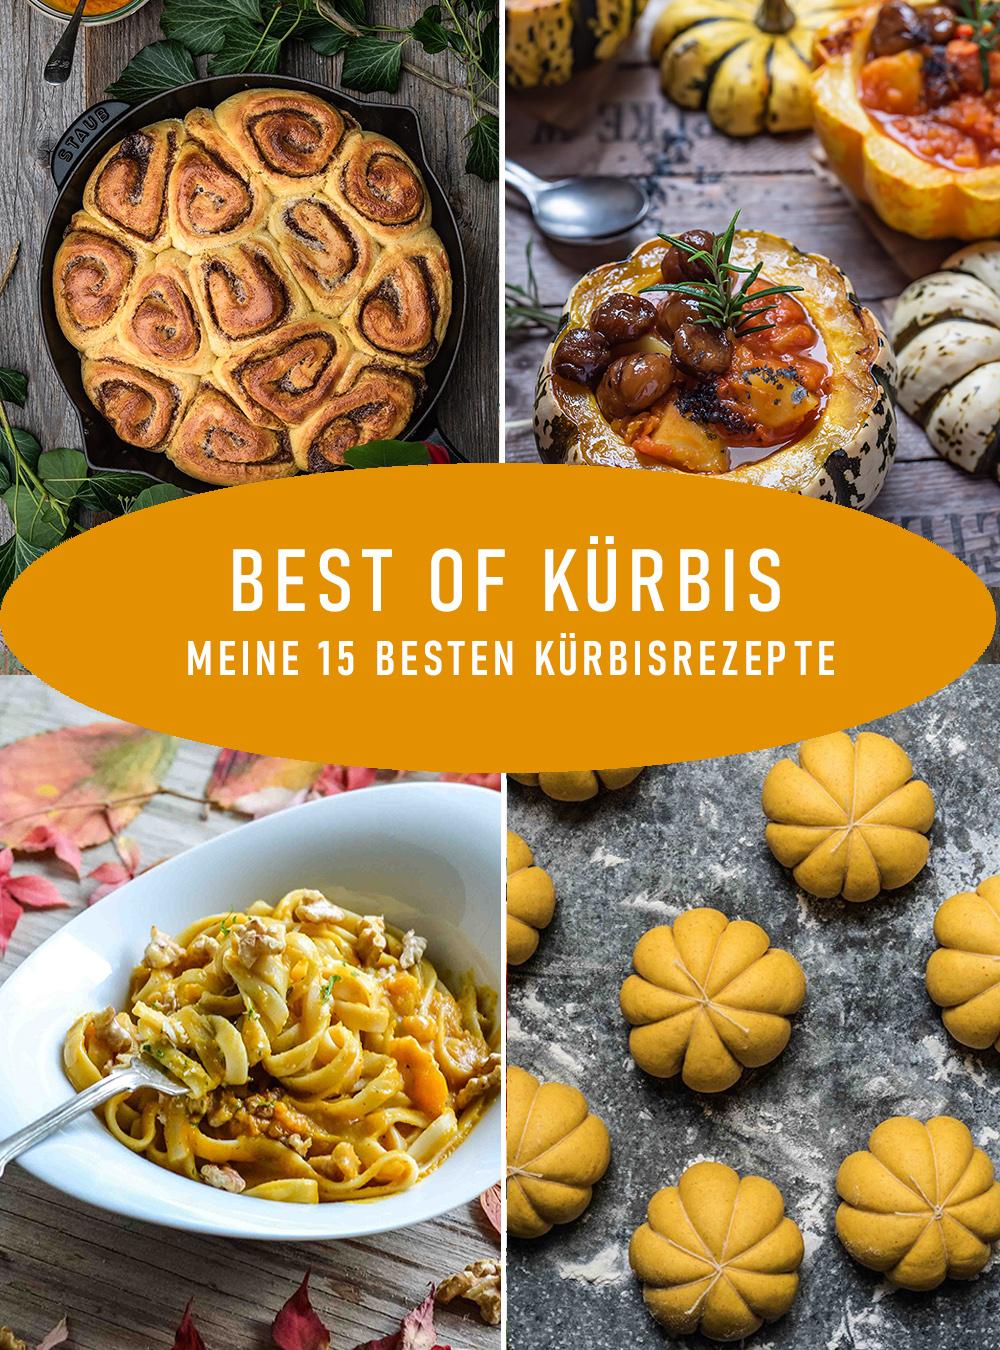 Best of Kuerbis